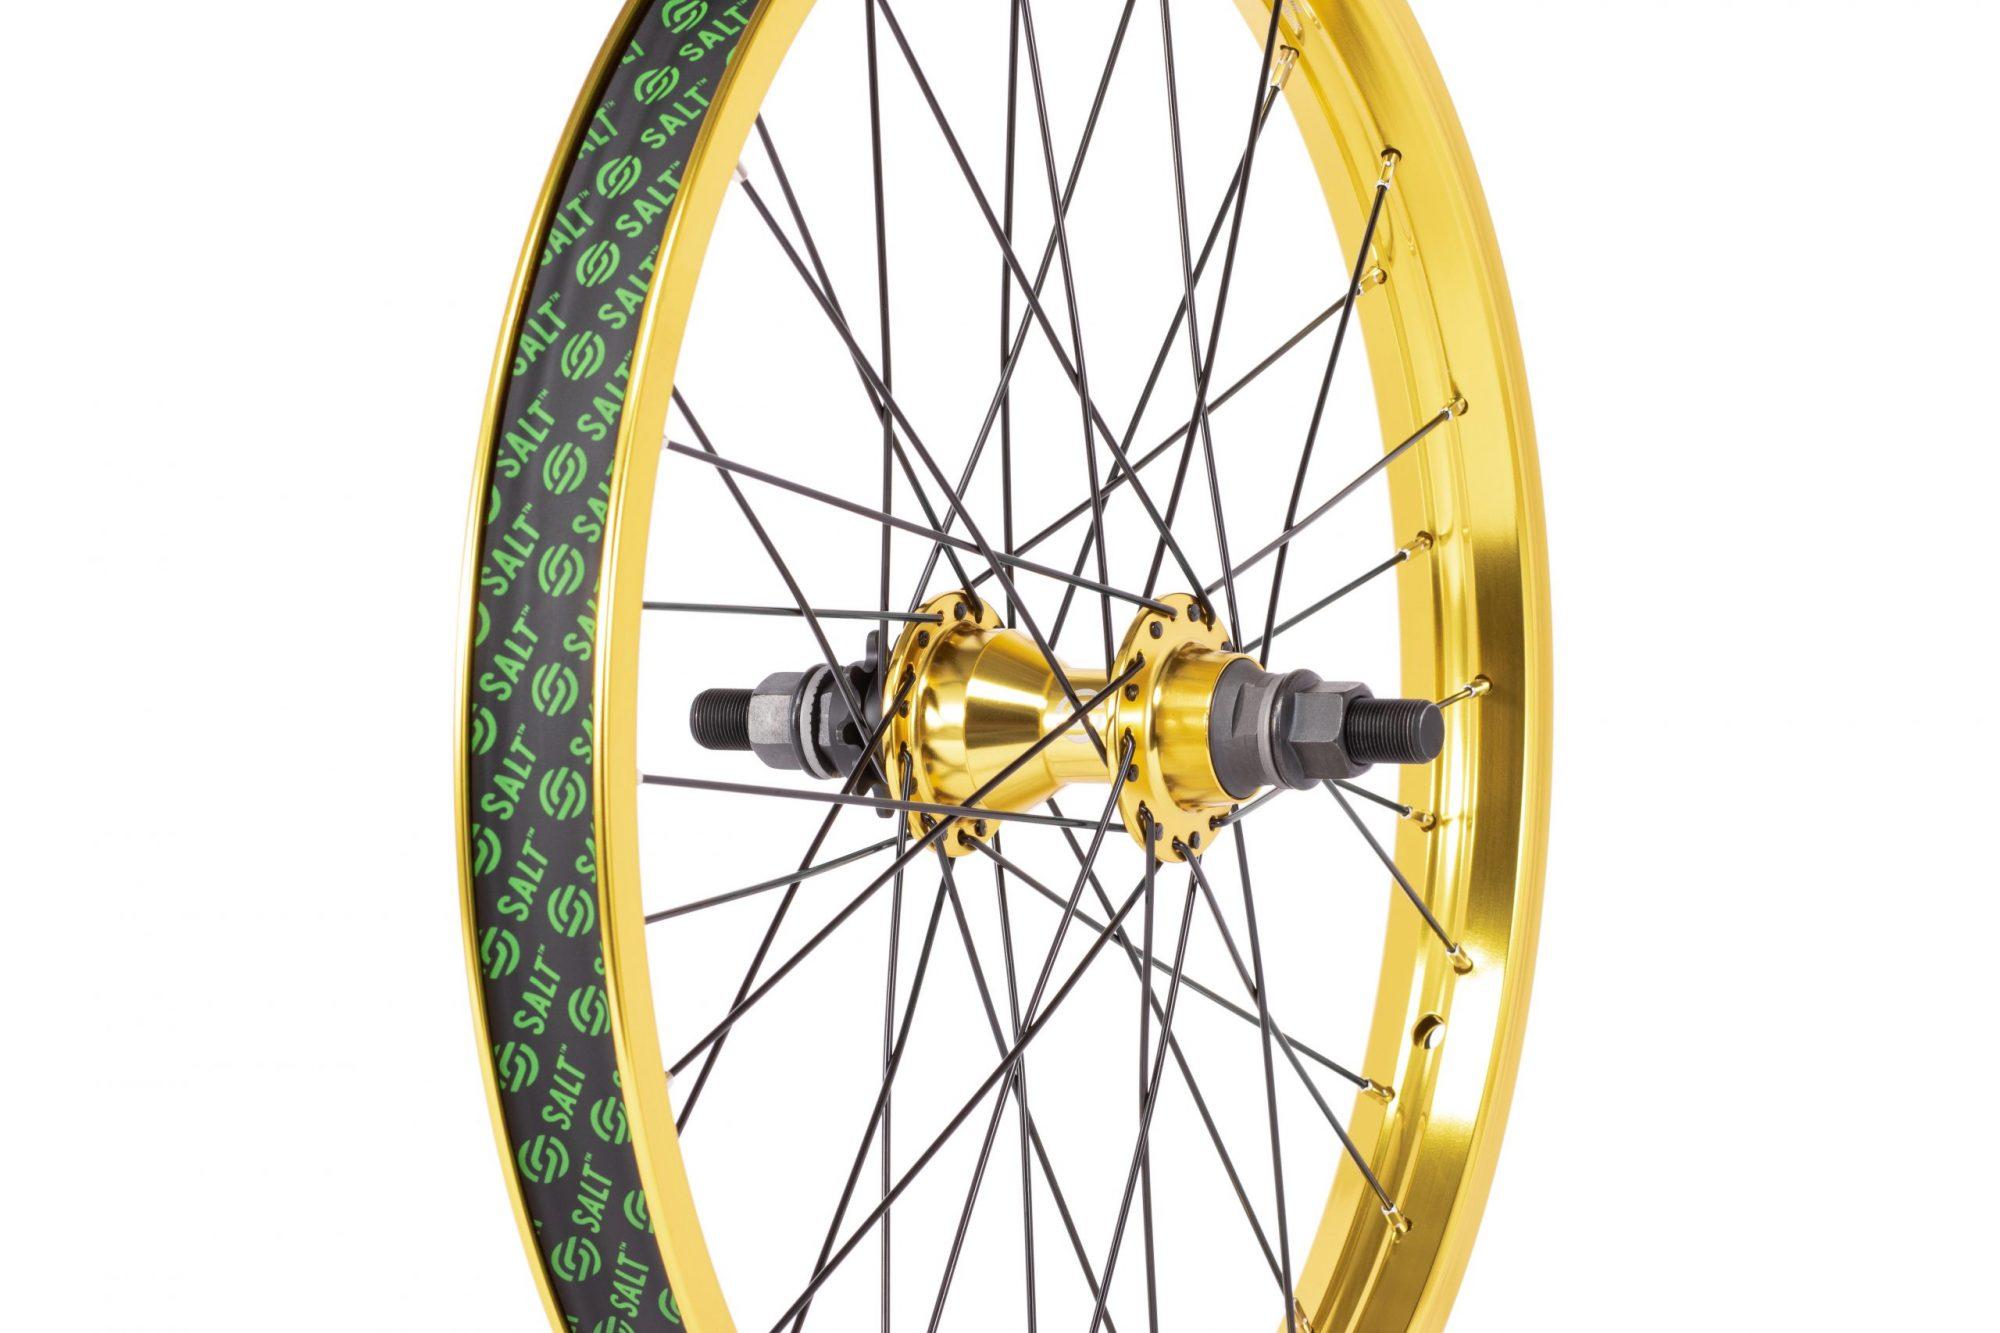 Salt_Everest_CS_rear_wheel_gold-04